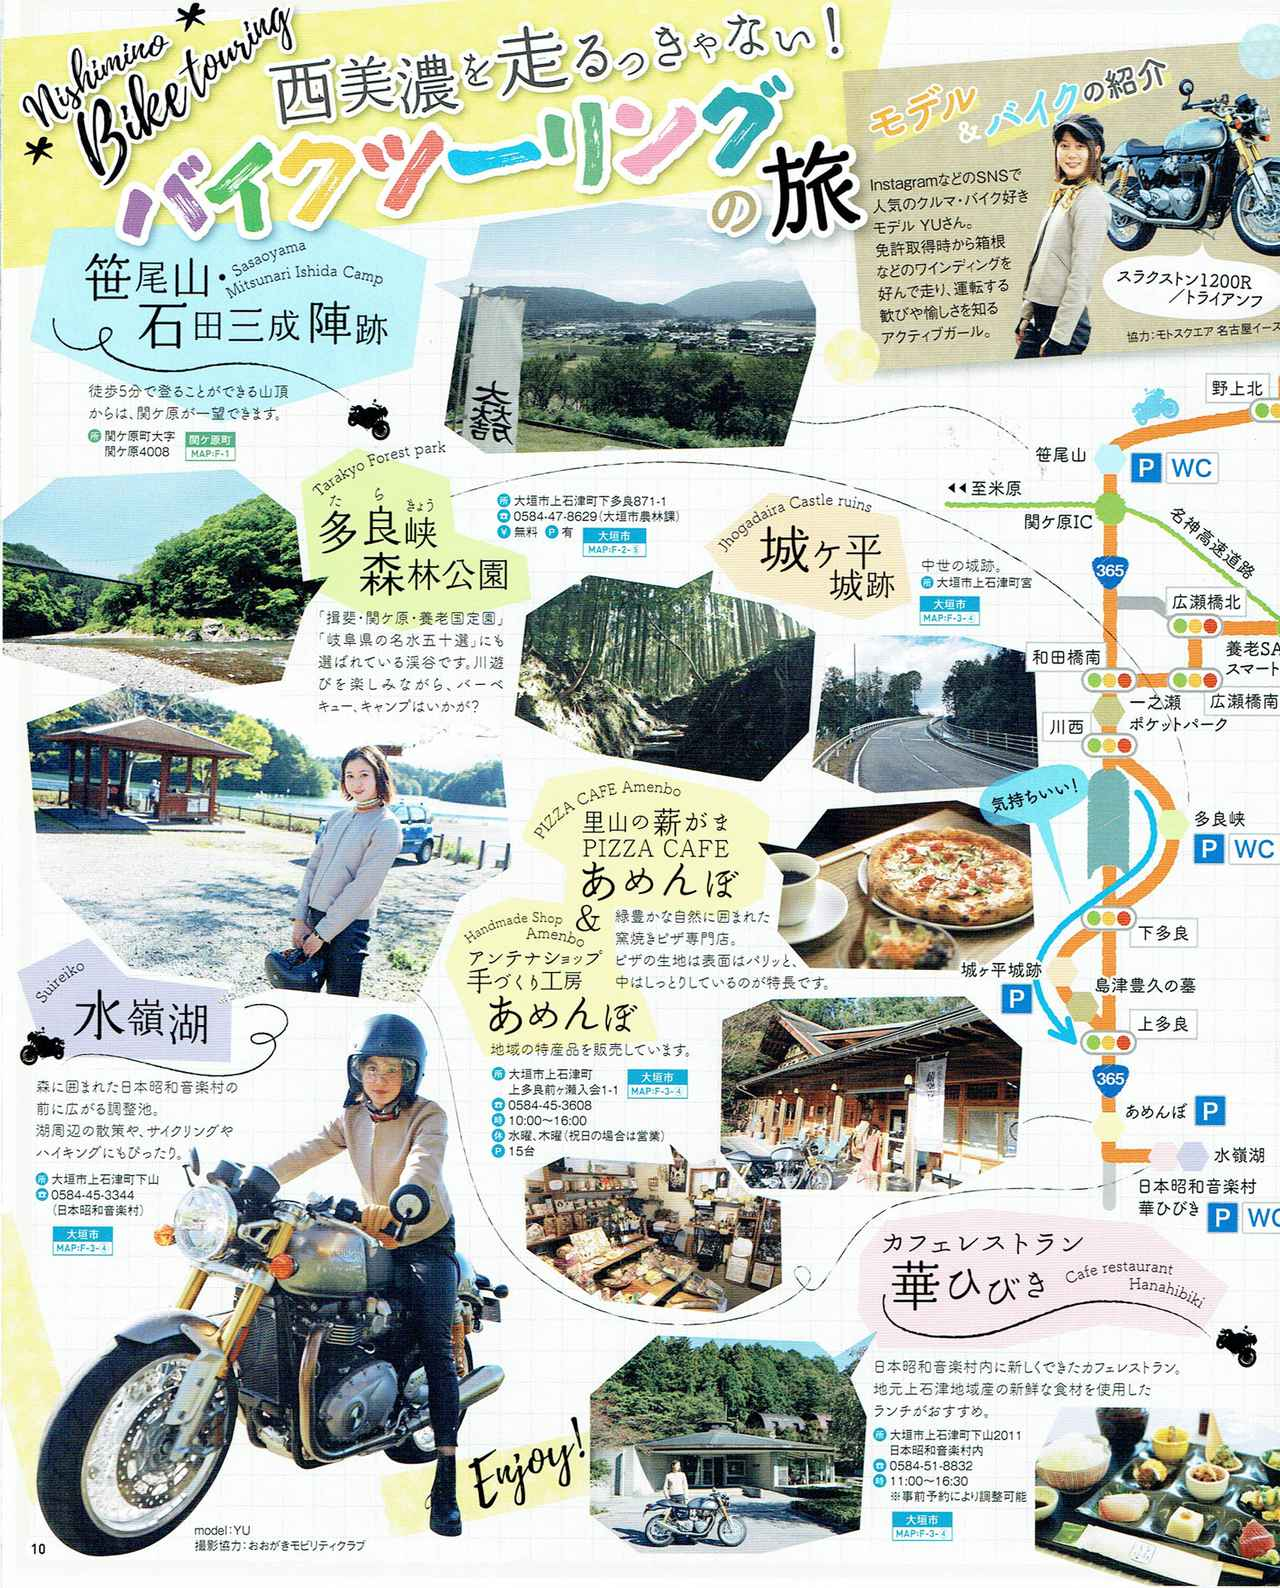 画像2: 【岐阜】ツーリングを満喫するならココ!大垣市おすすめツーリングスポット5選